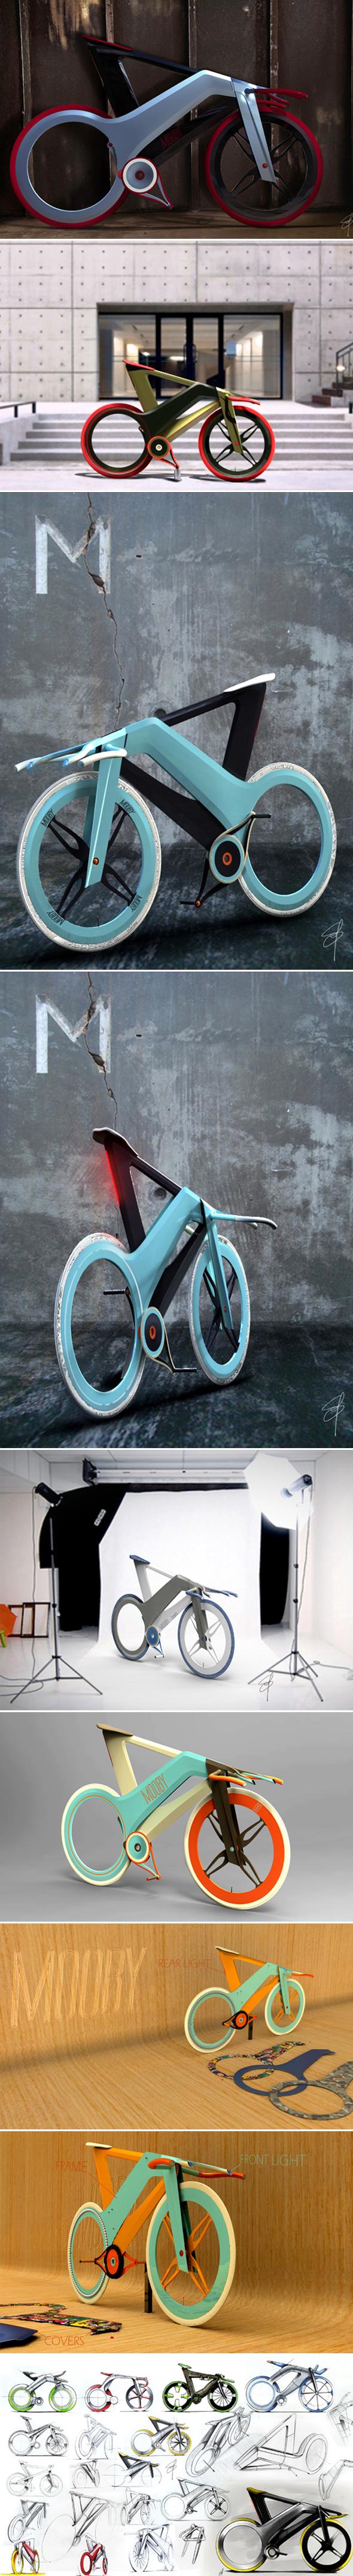 Mooby Bike